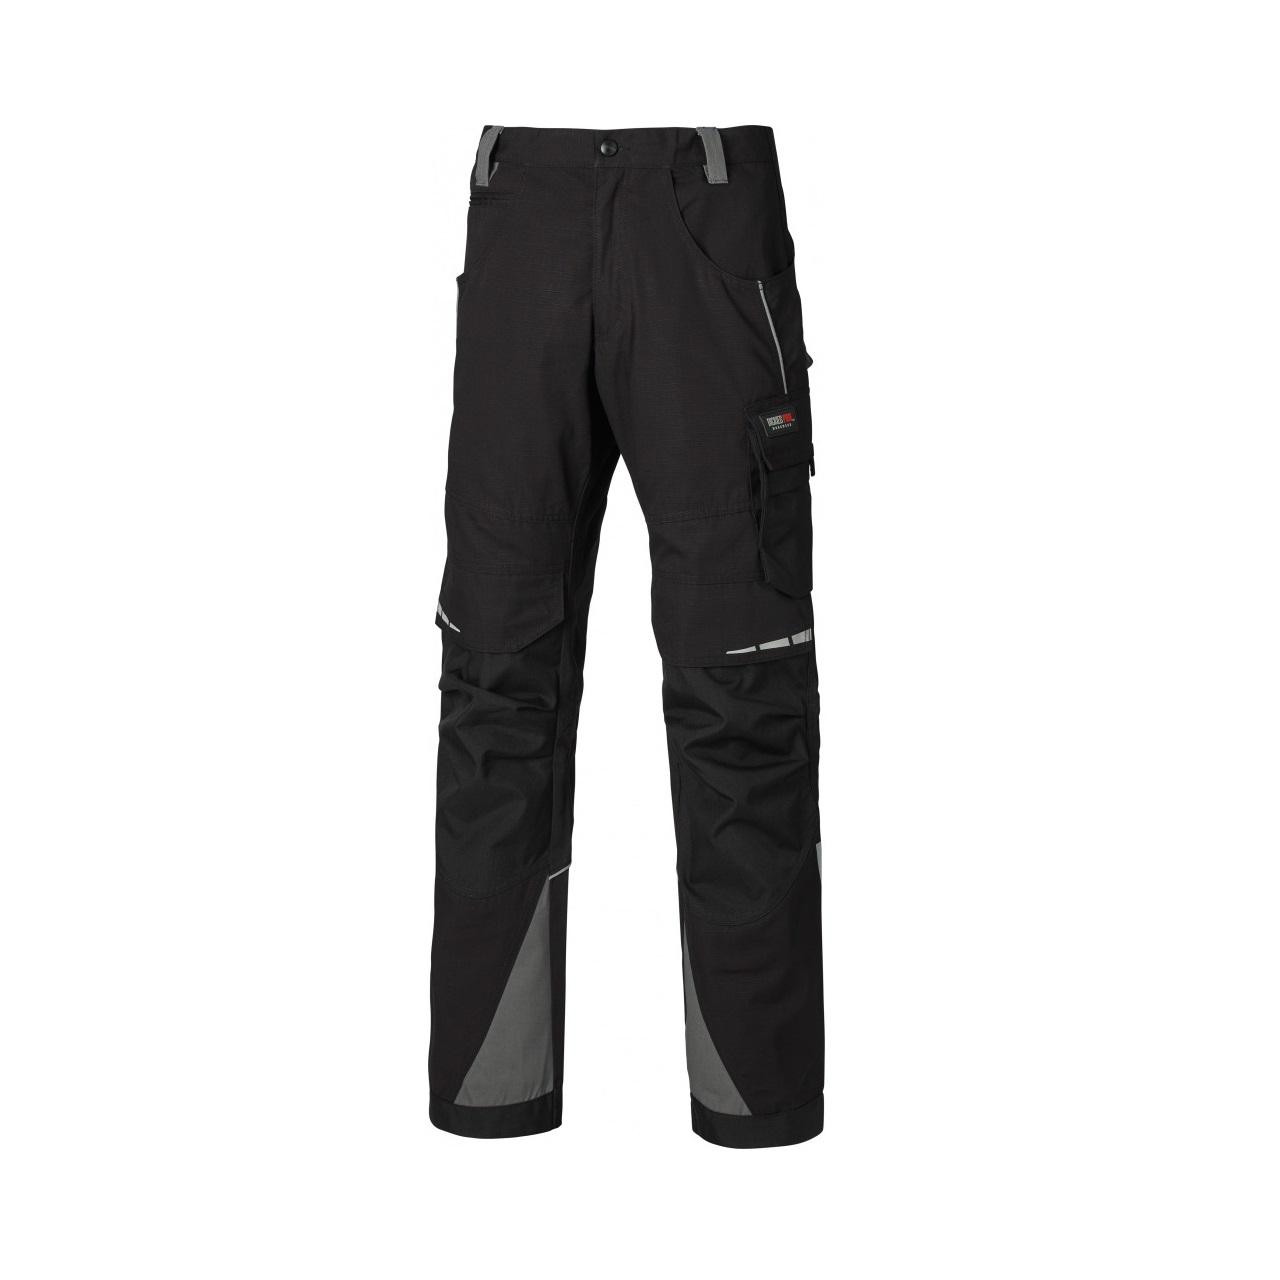 pantalon de travail dickies pro trousers couleur et taille au choix distriartisan. Black Bedroom Furniture Sets. Home Design Ideas